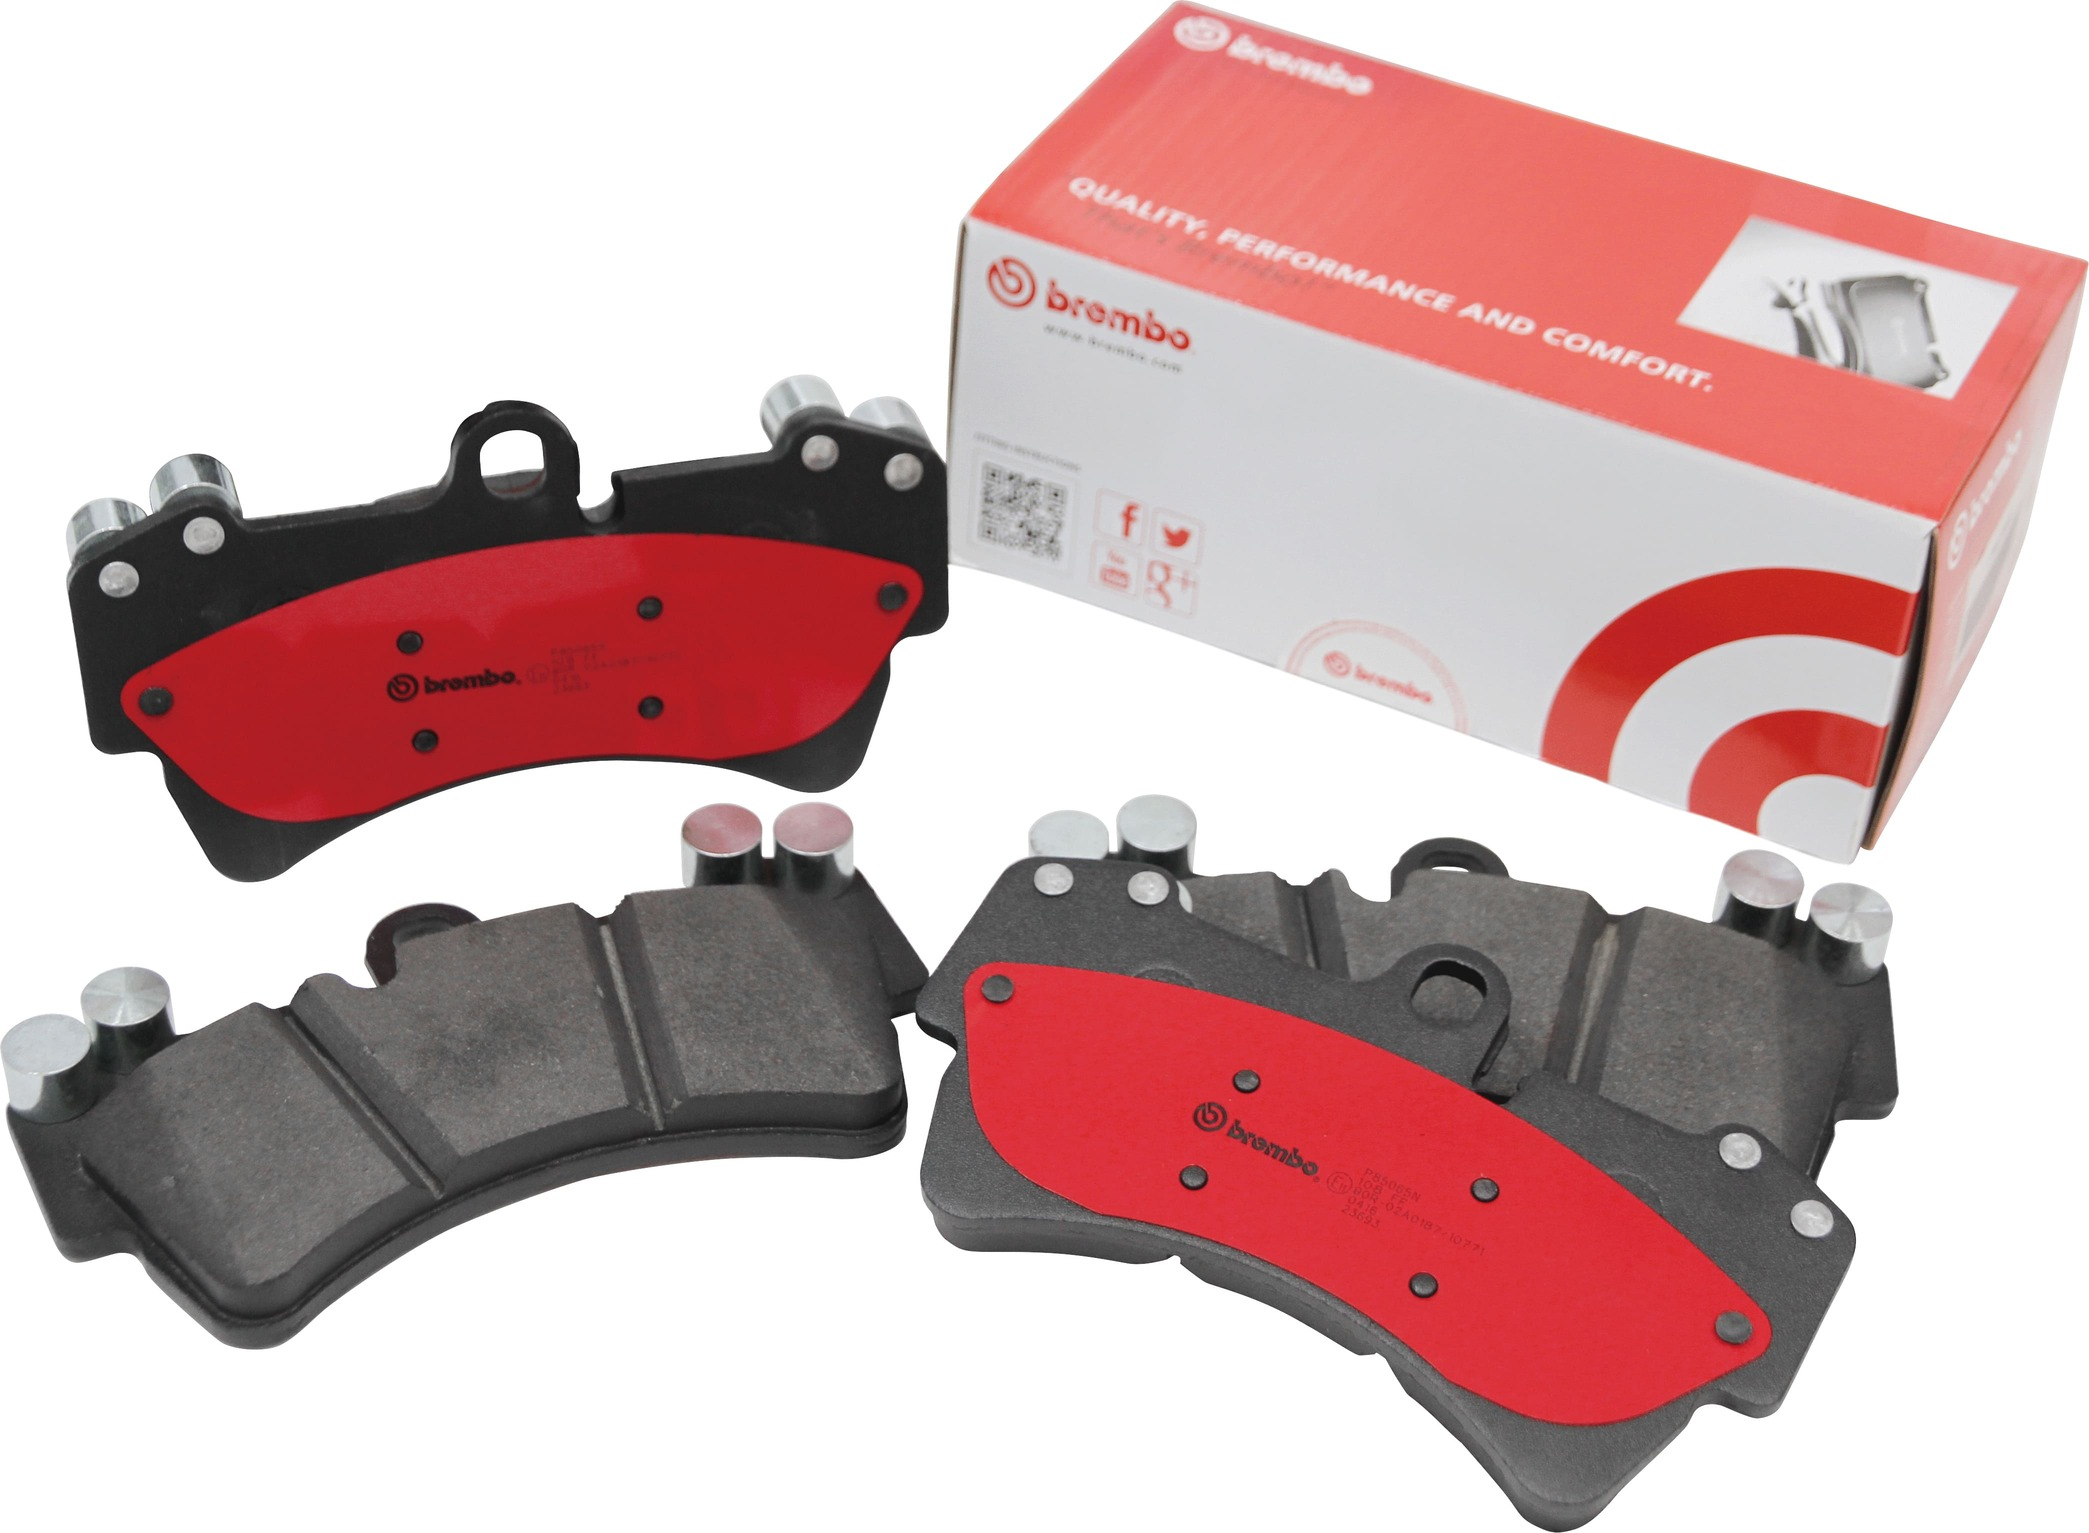 公式ストア 機能性を追及したブレーキダスト低減タイプ brembo ブレーキパッド セラミック フロント左右セット MERCEDES BENZ R171 SLK フロント お買い得 09~06 03 171456 P50 04 073N